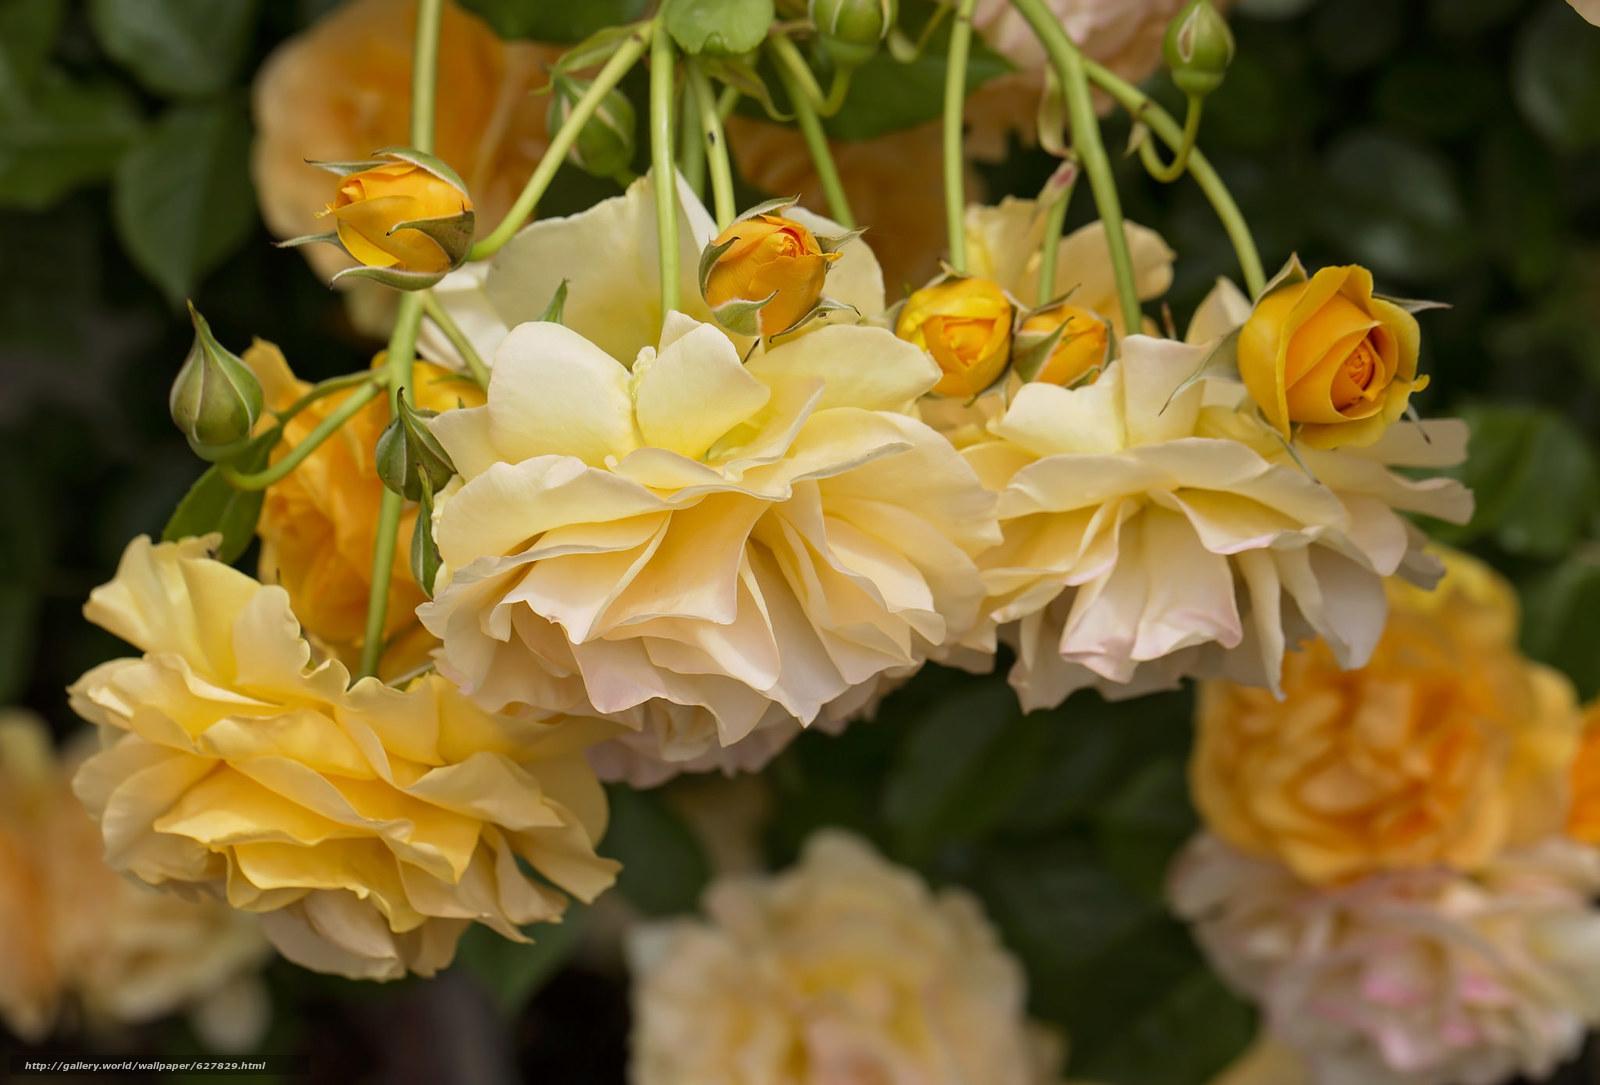 жёлтые розы, розы, бутоны